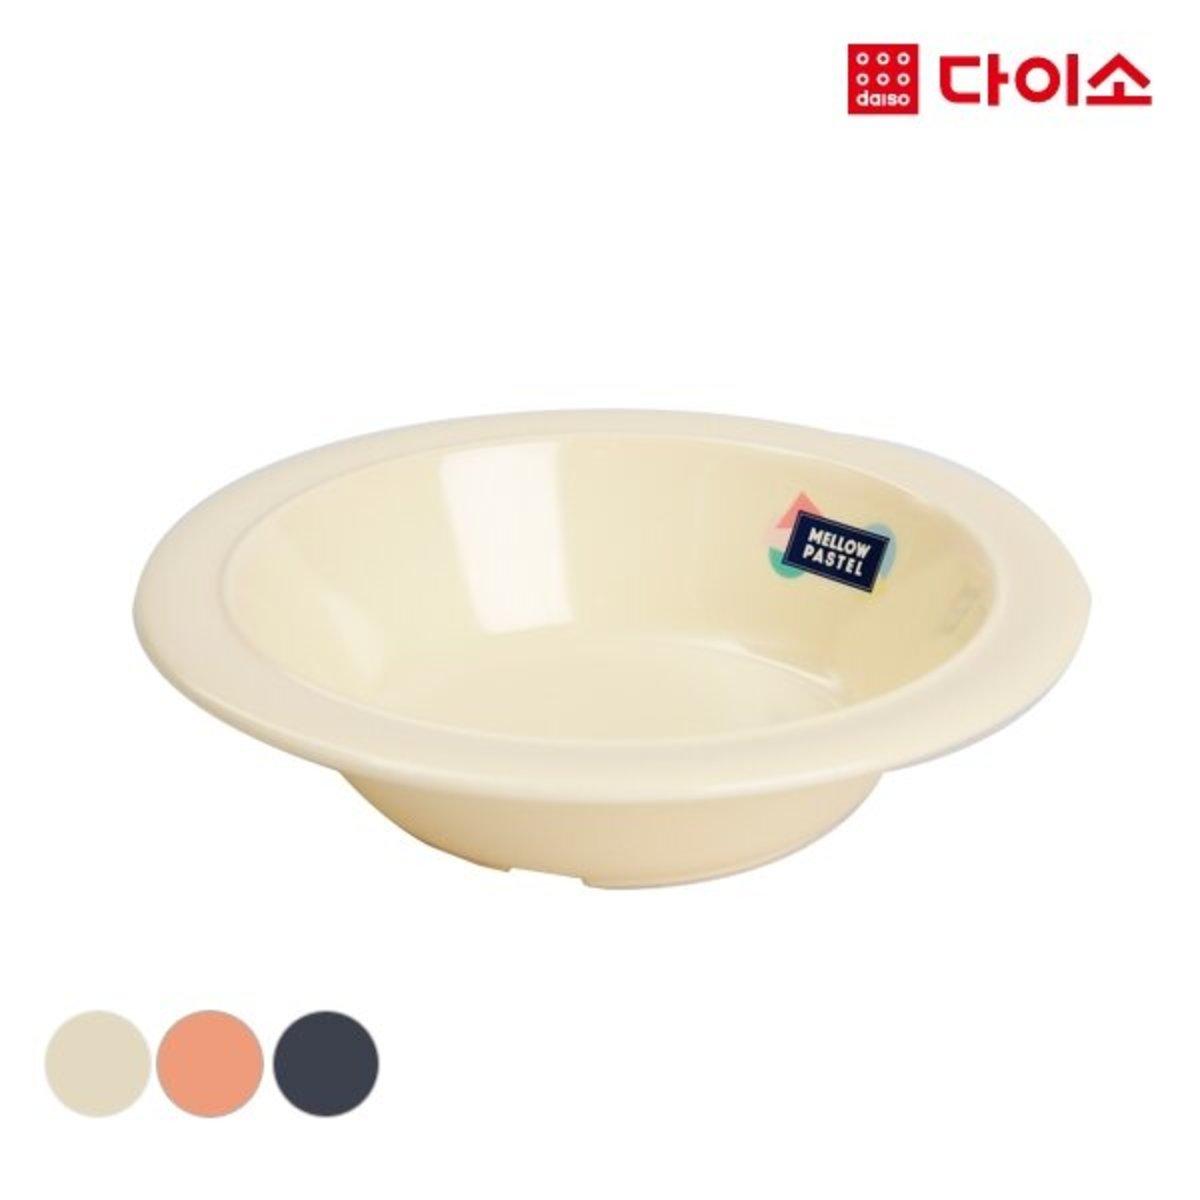 Plastic Soup Bowl - Navy